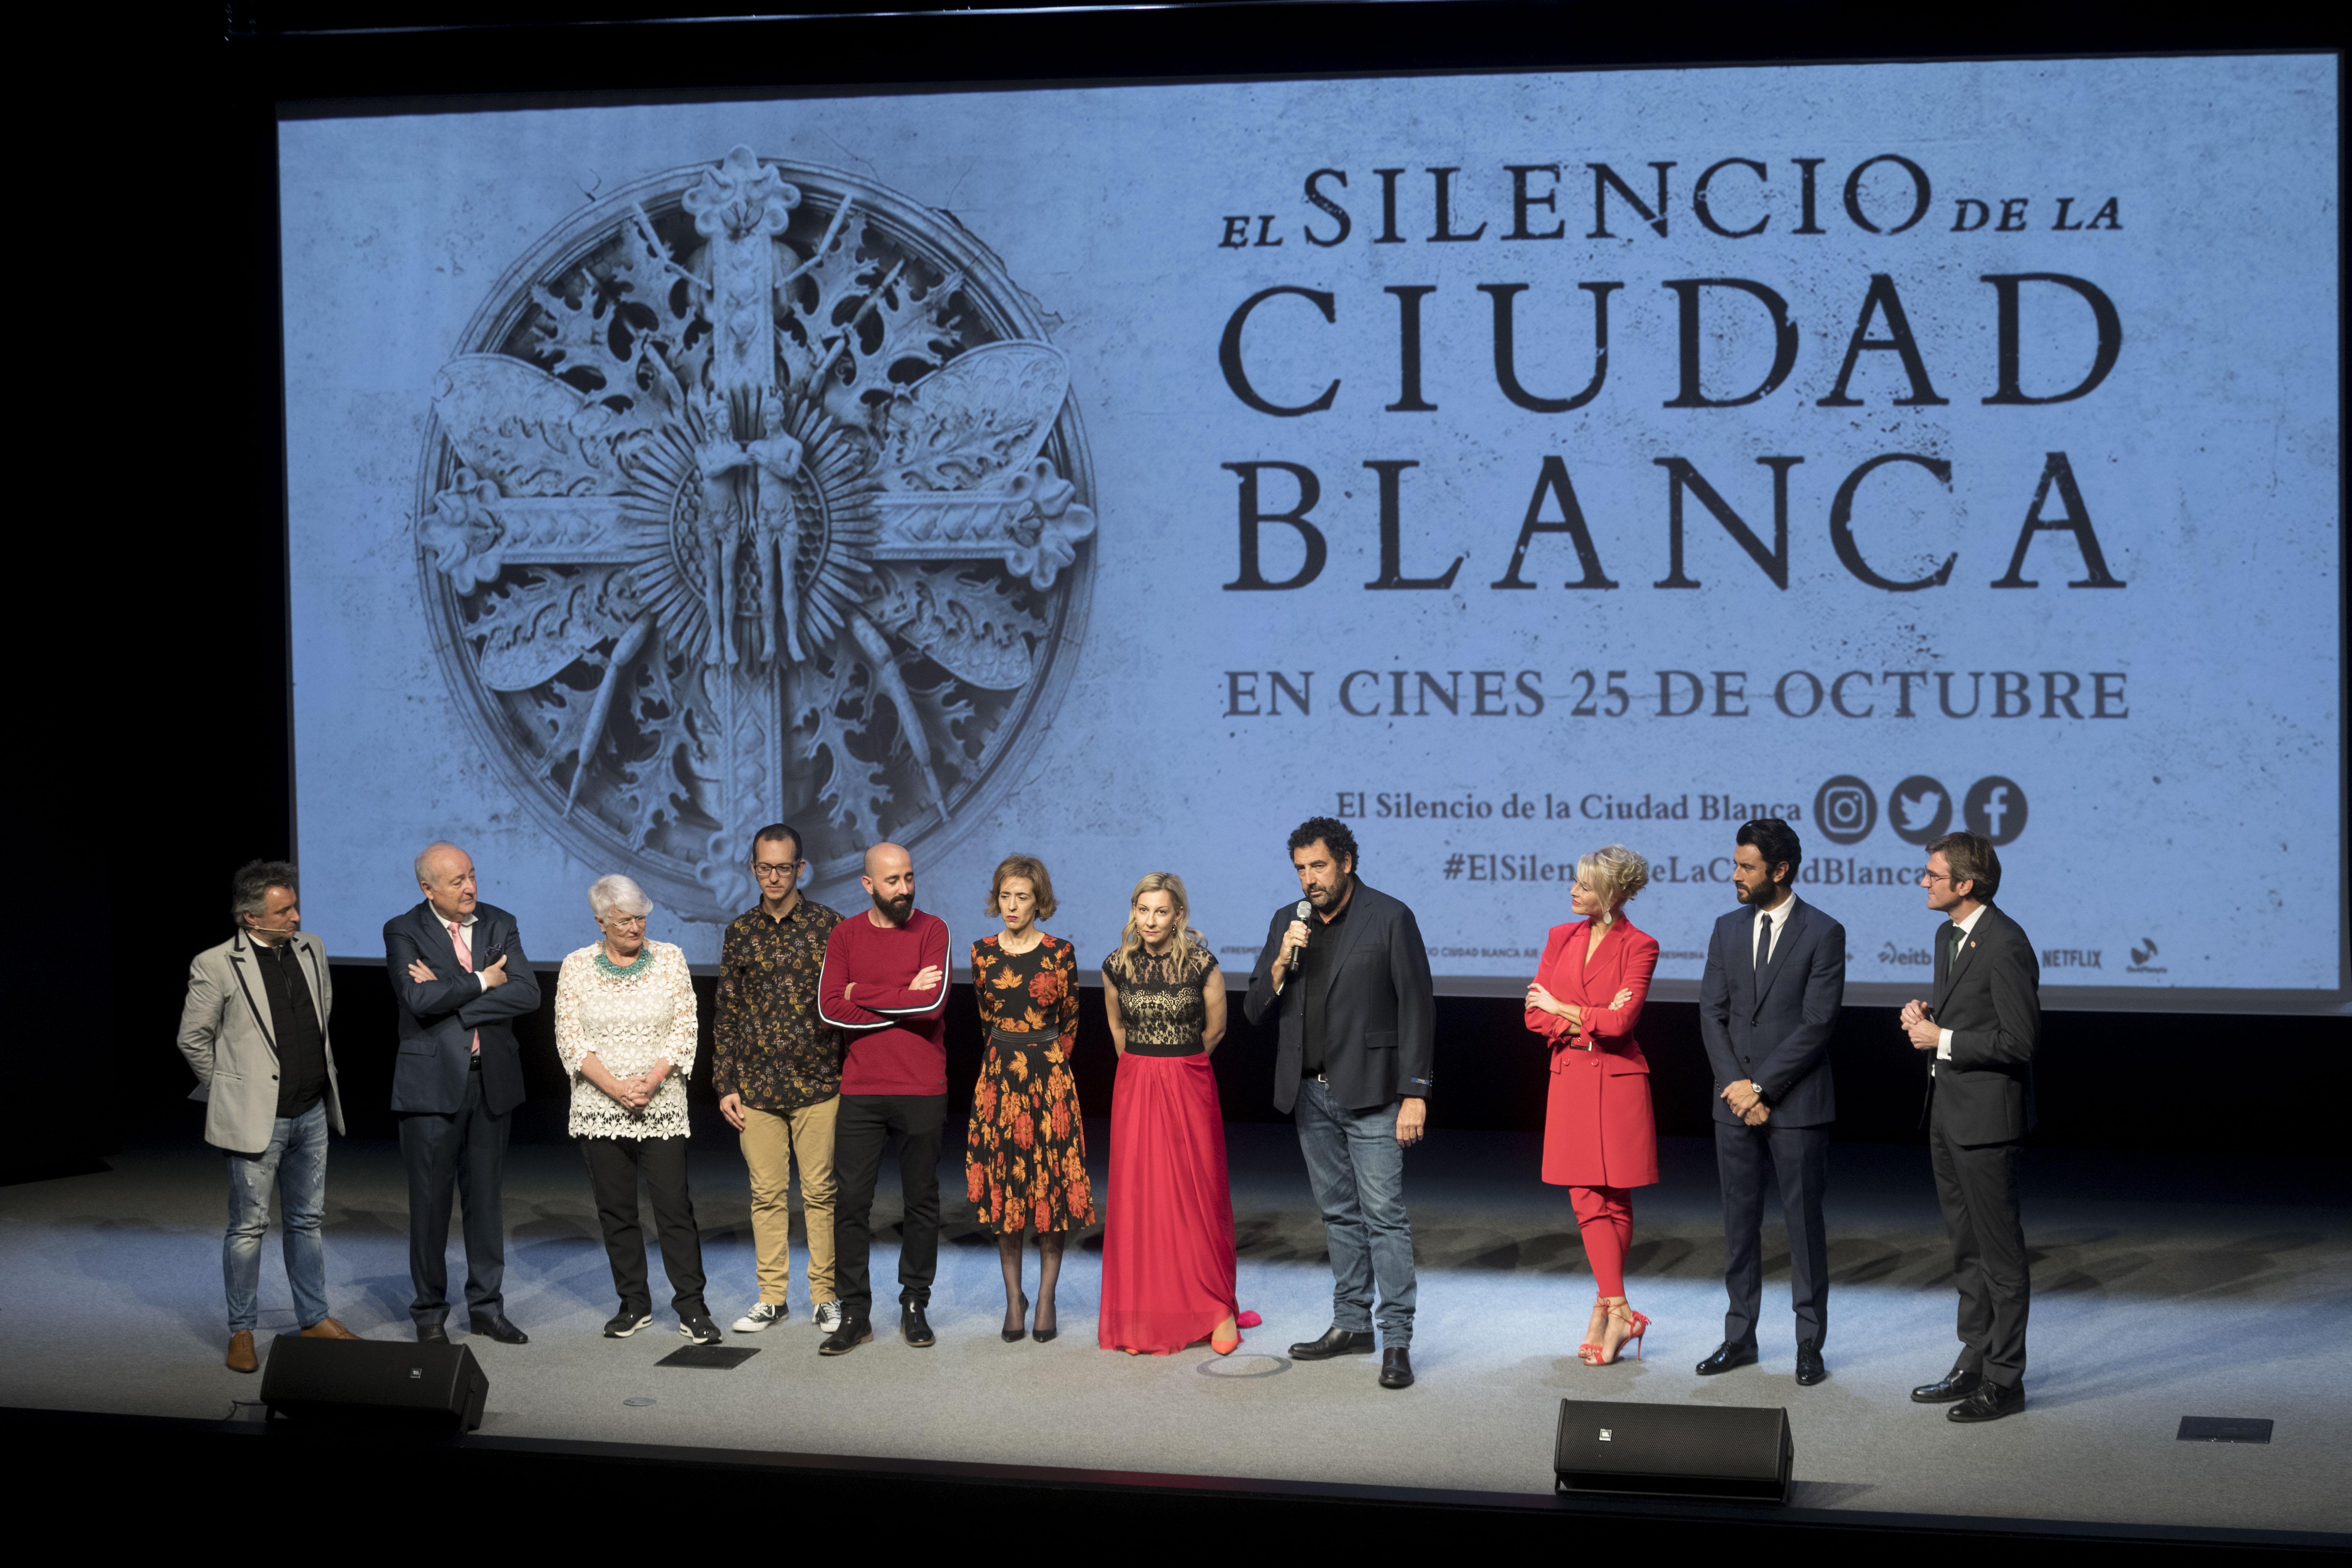 2019_10_24_lhk_silencio_ciudad_blanca_43.jpg